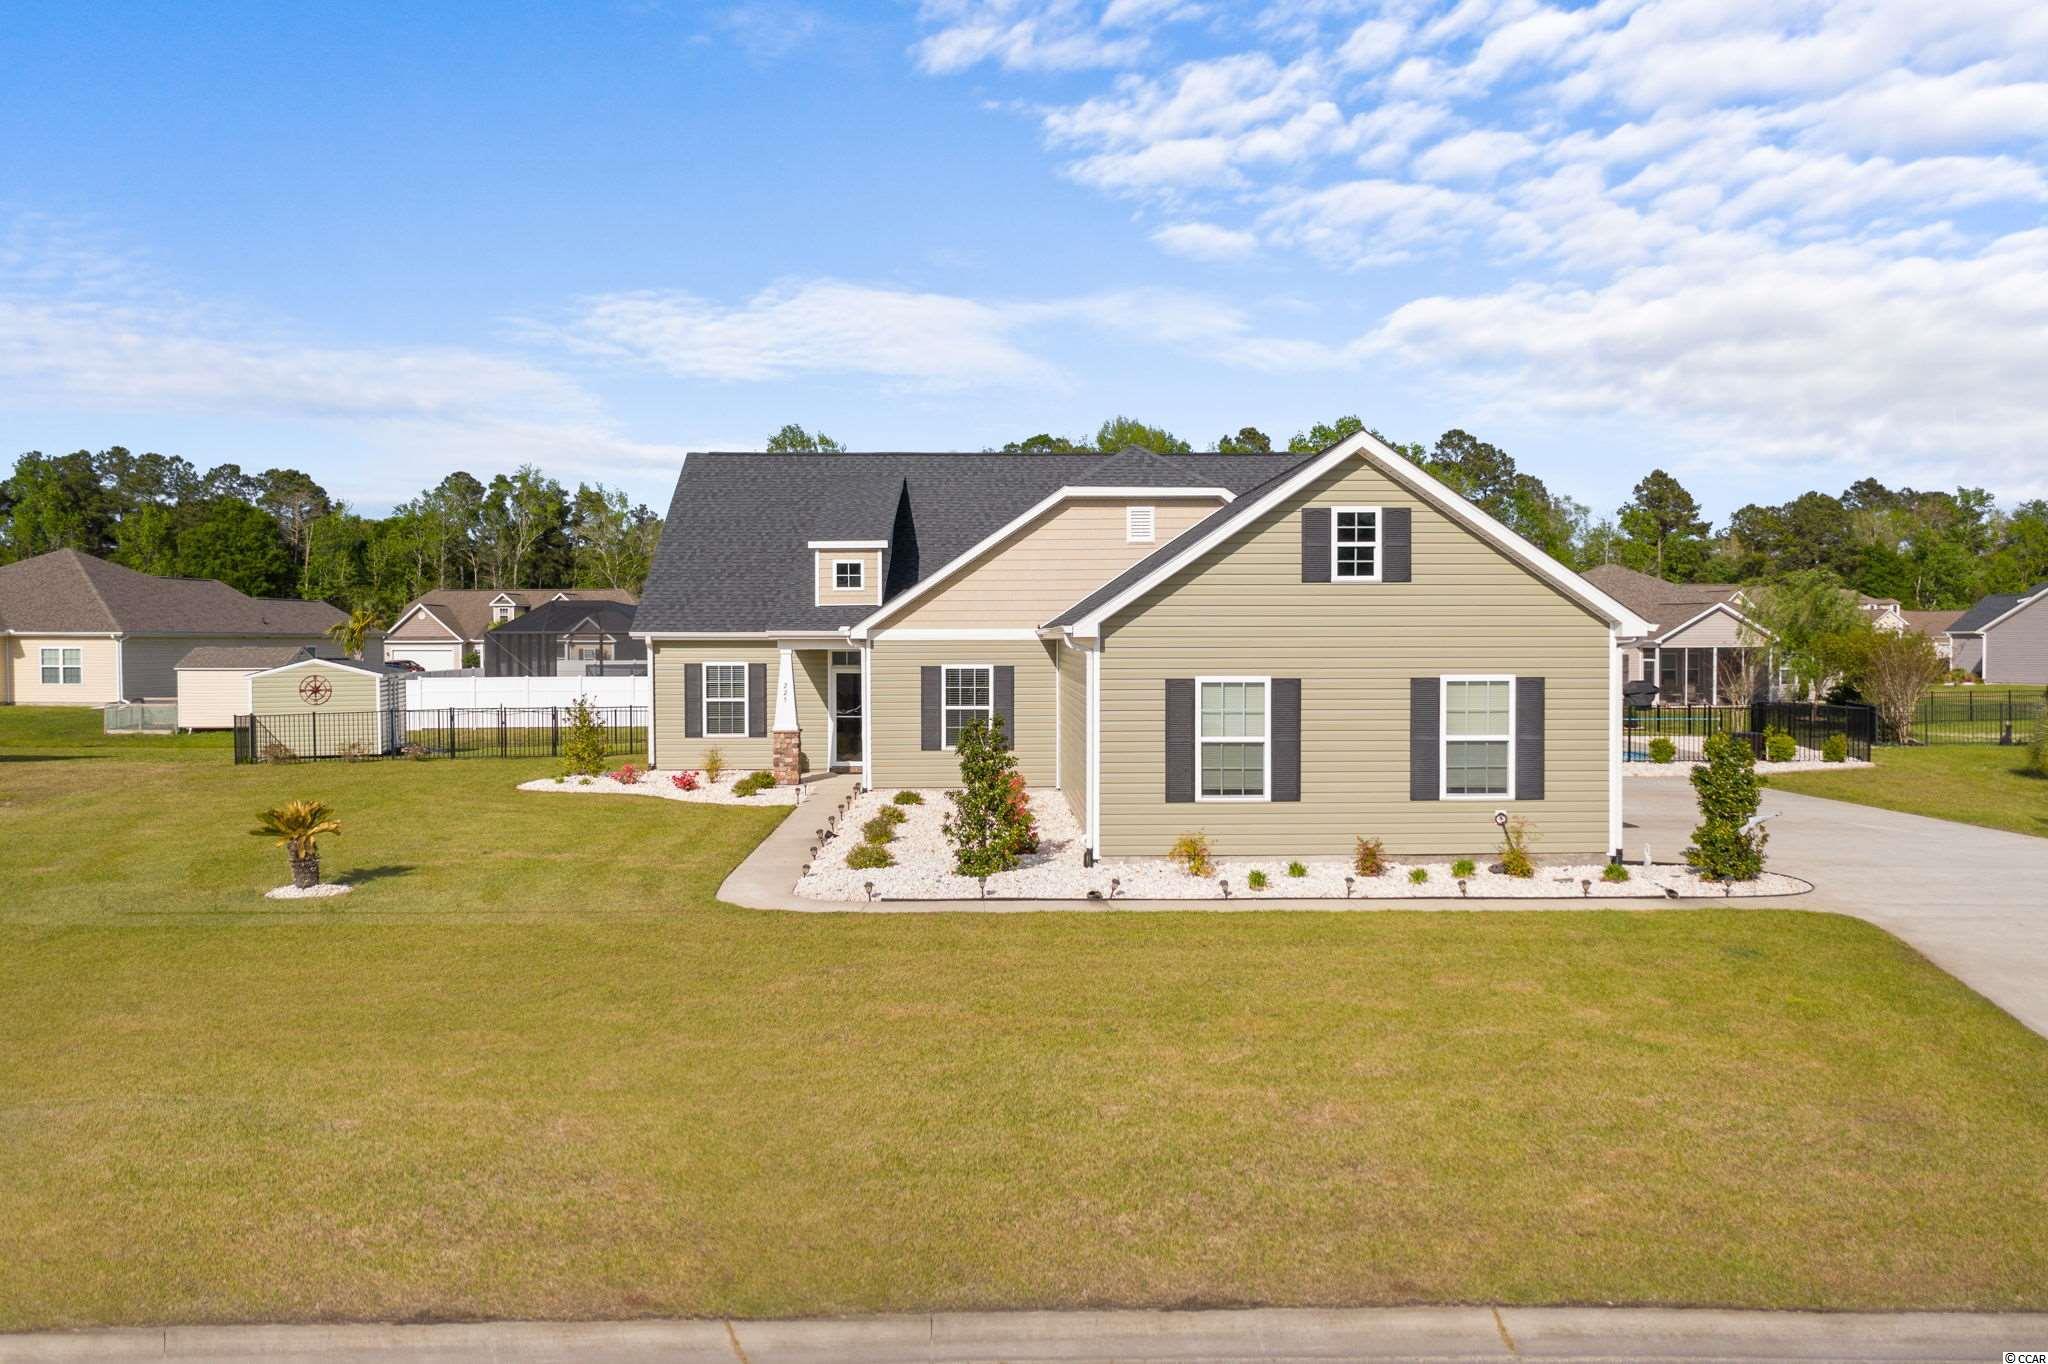 225 Moulton Dr. Property Photo 1